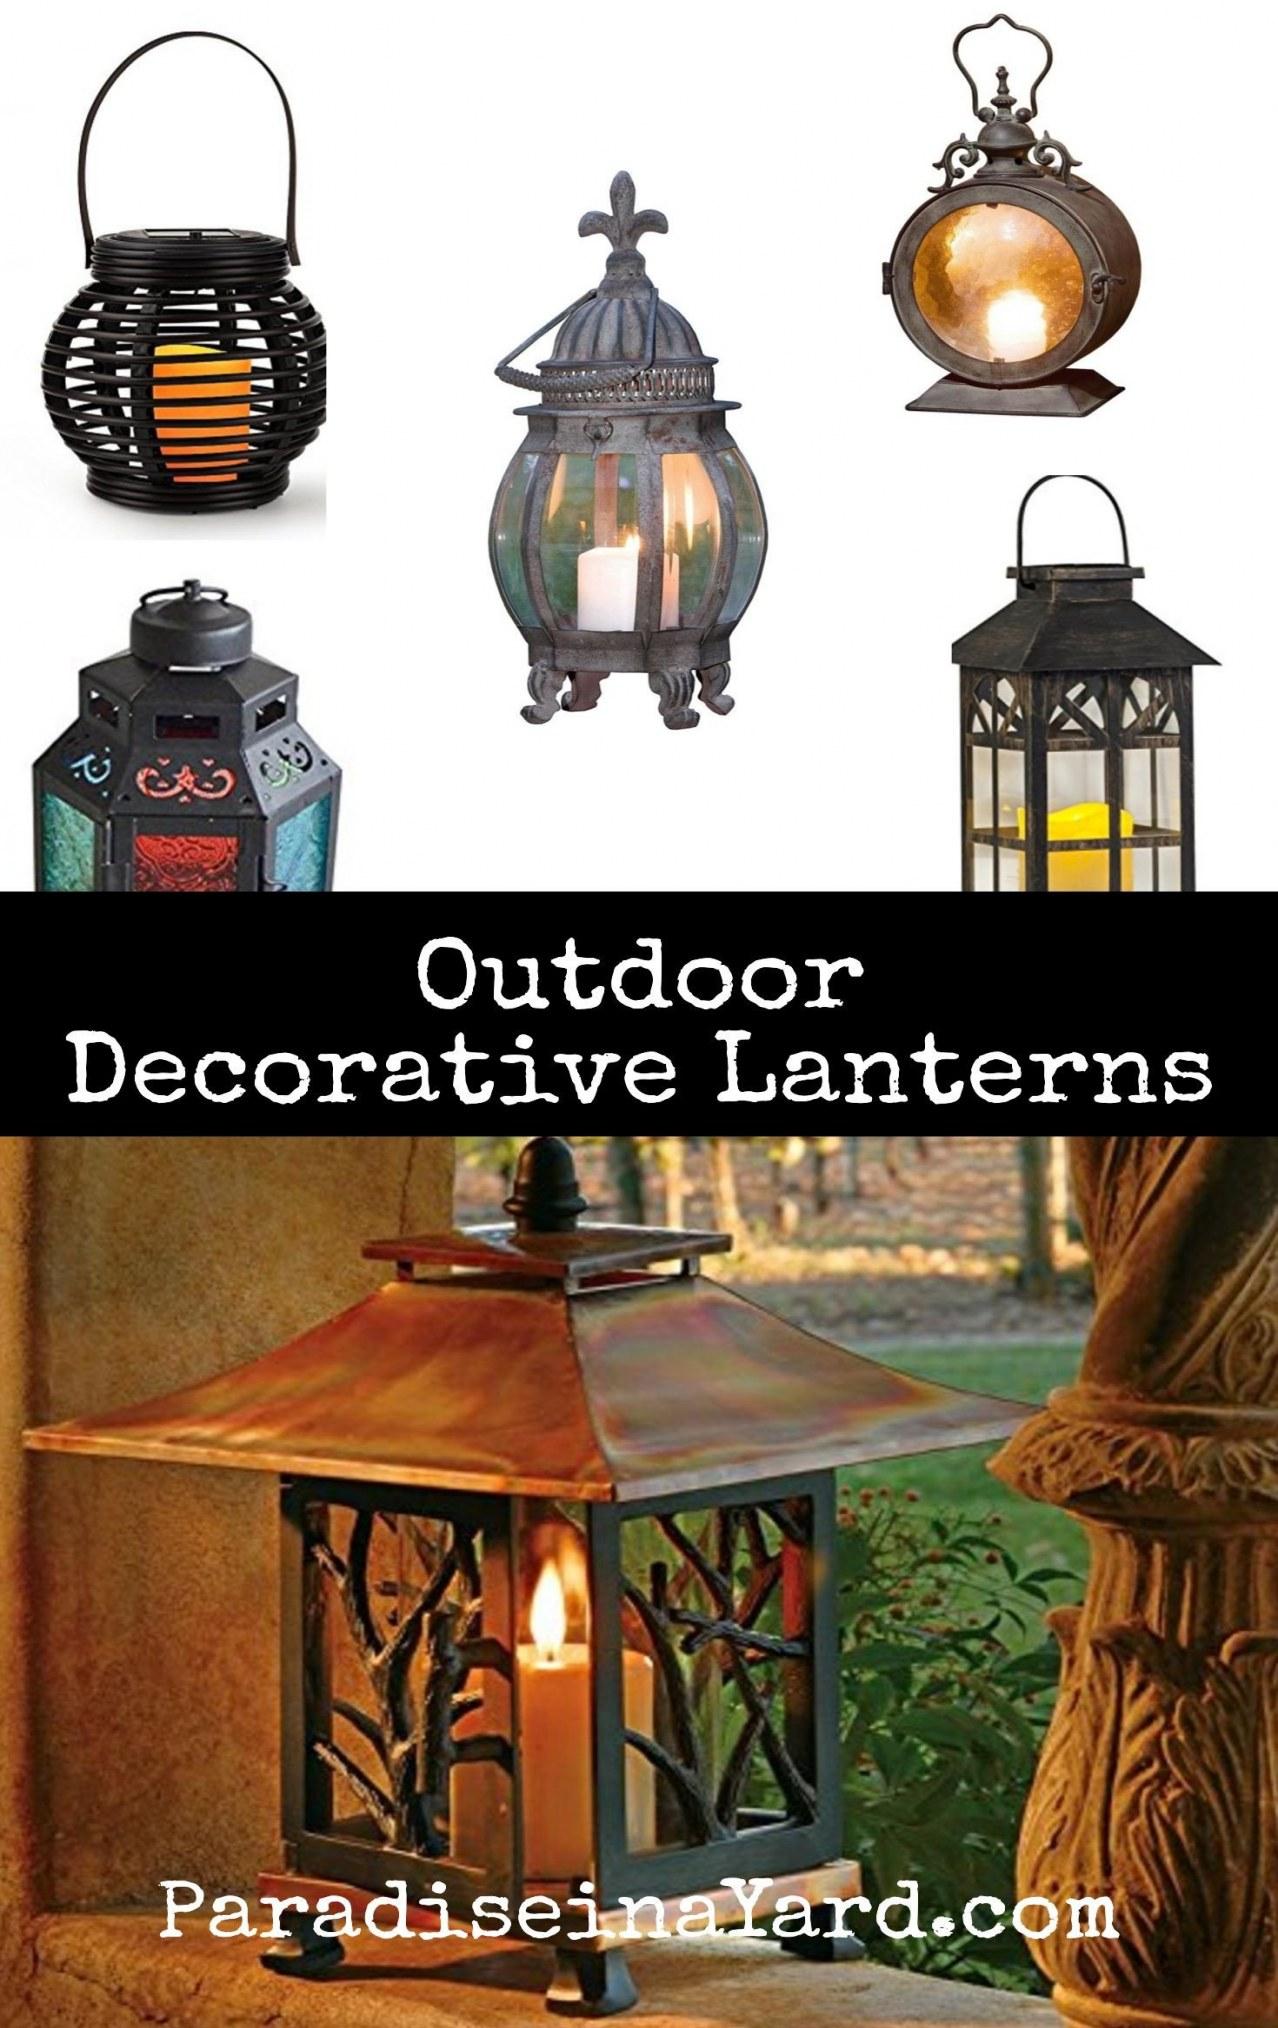 party decoration ideas diy lantern decoration ideas elegant boat centerpieces 0d design of party decoration ideas diy